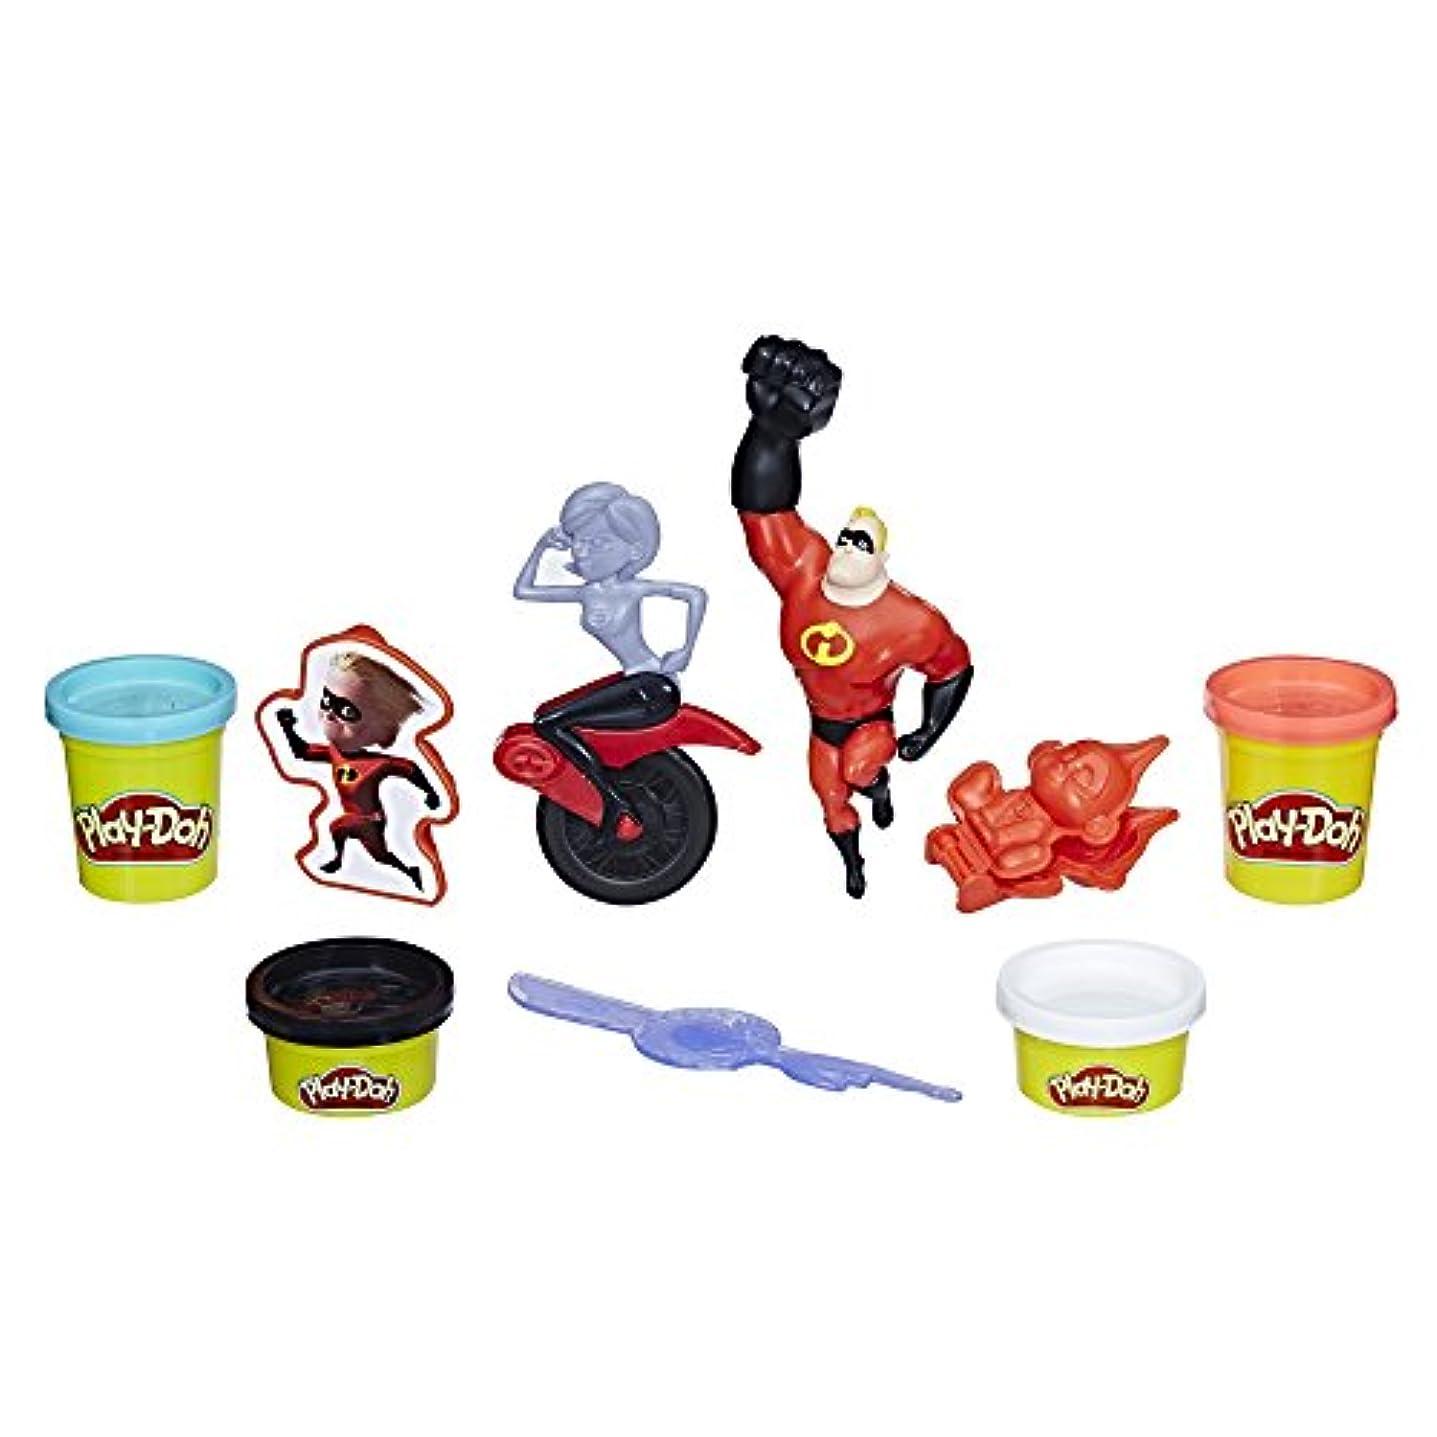 Play-Doh Disney/Pixar Incredibles 2 Incredible Tools